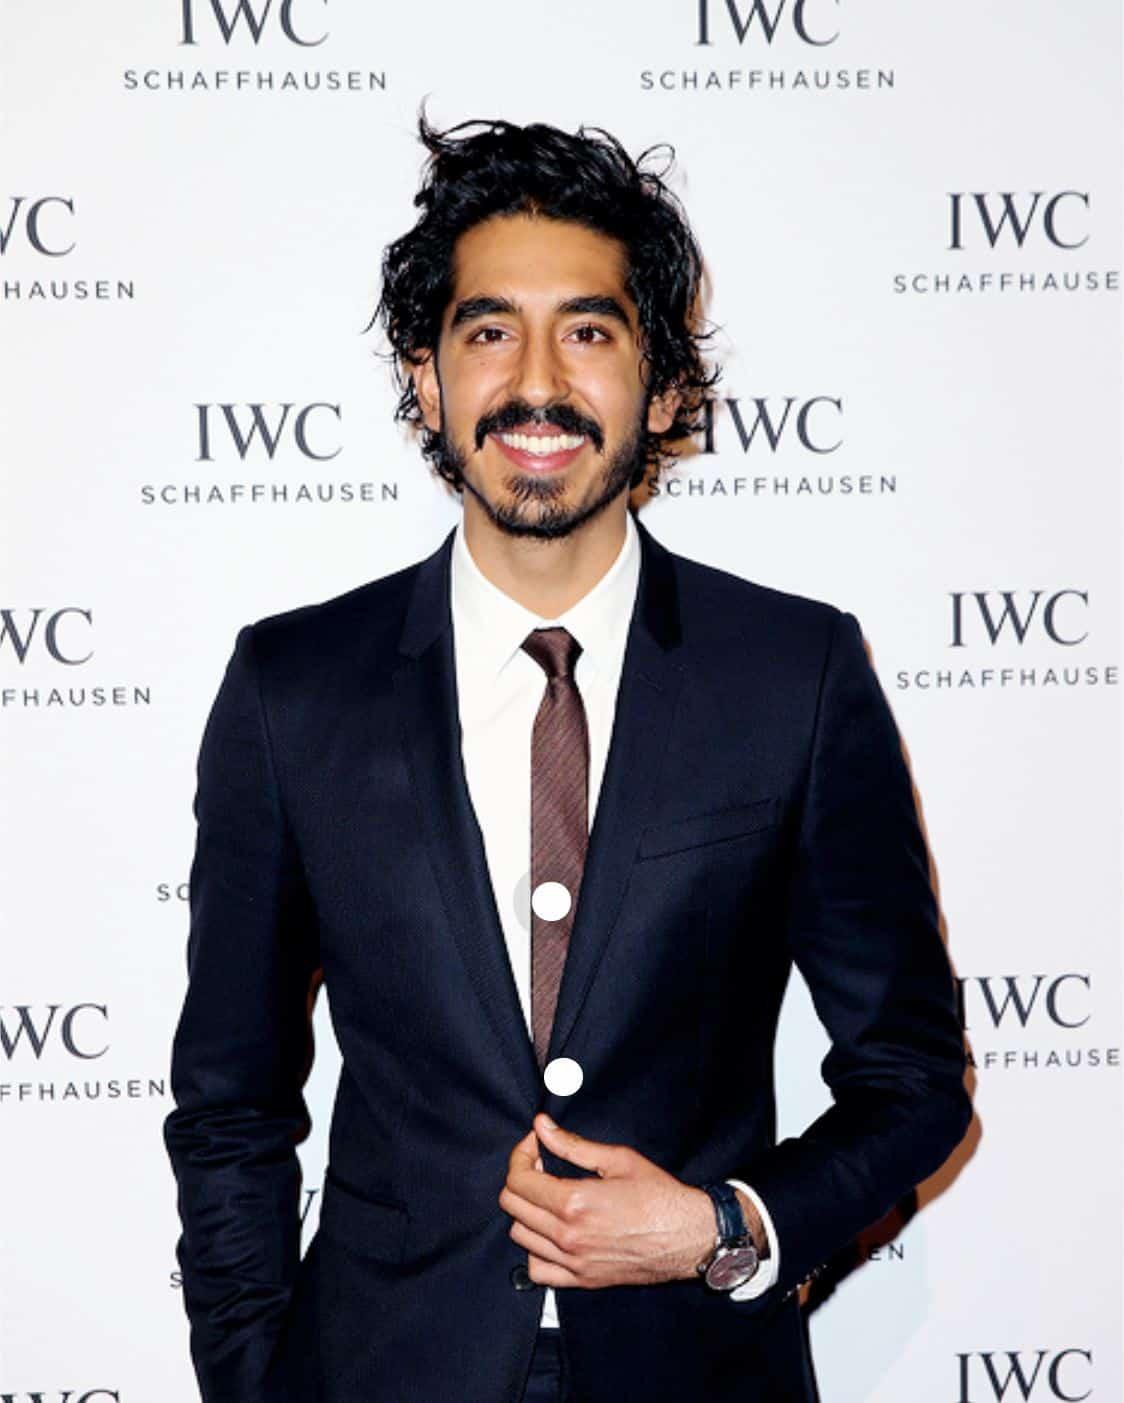 Geht mit seiner IWC Portugieser durch dick und dünn: Dev Patek, Schauspieler und Preisträger